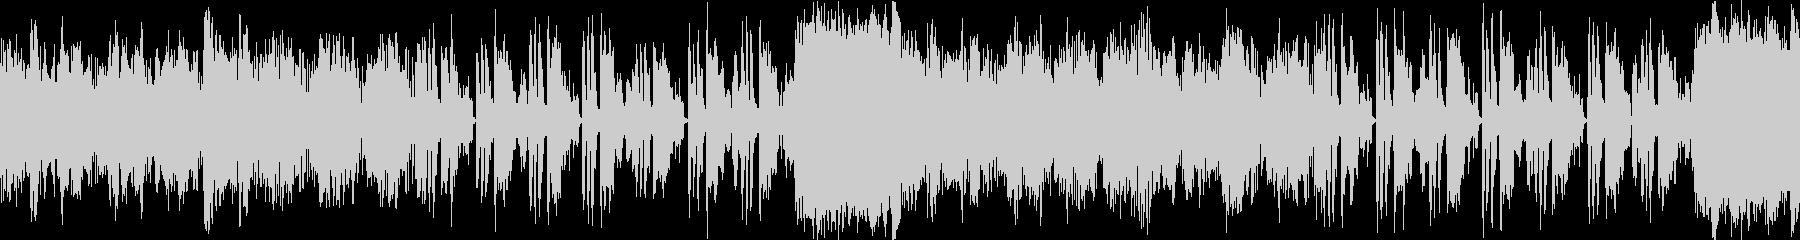 【ループ】アコーディオンの可愛いBGMの未再生の波形